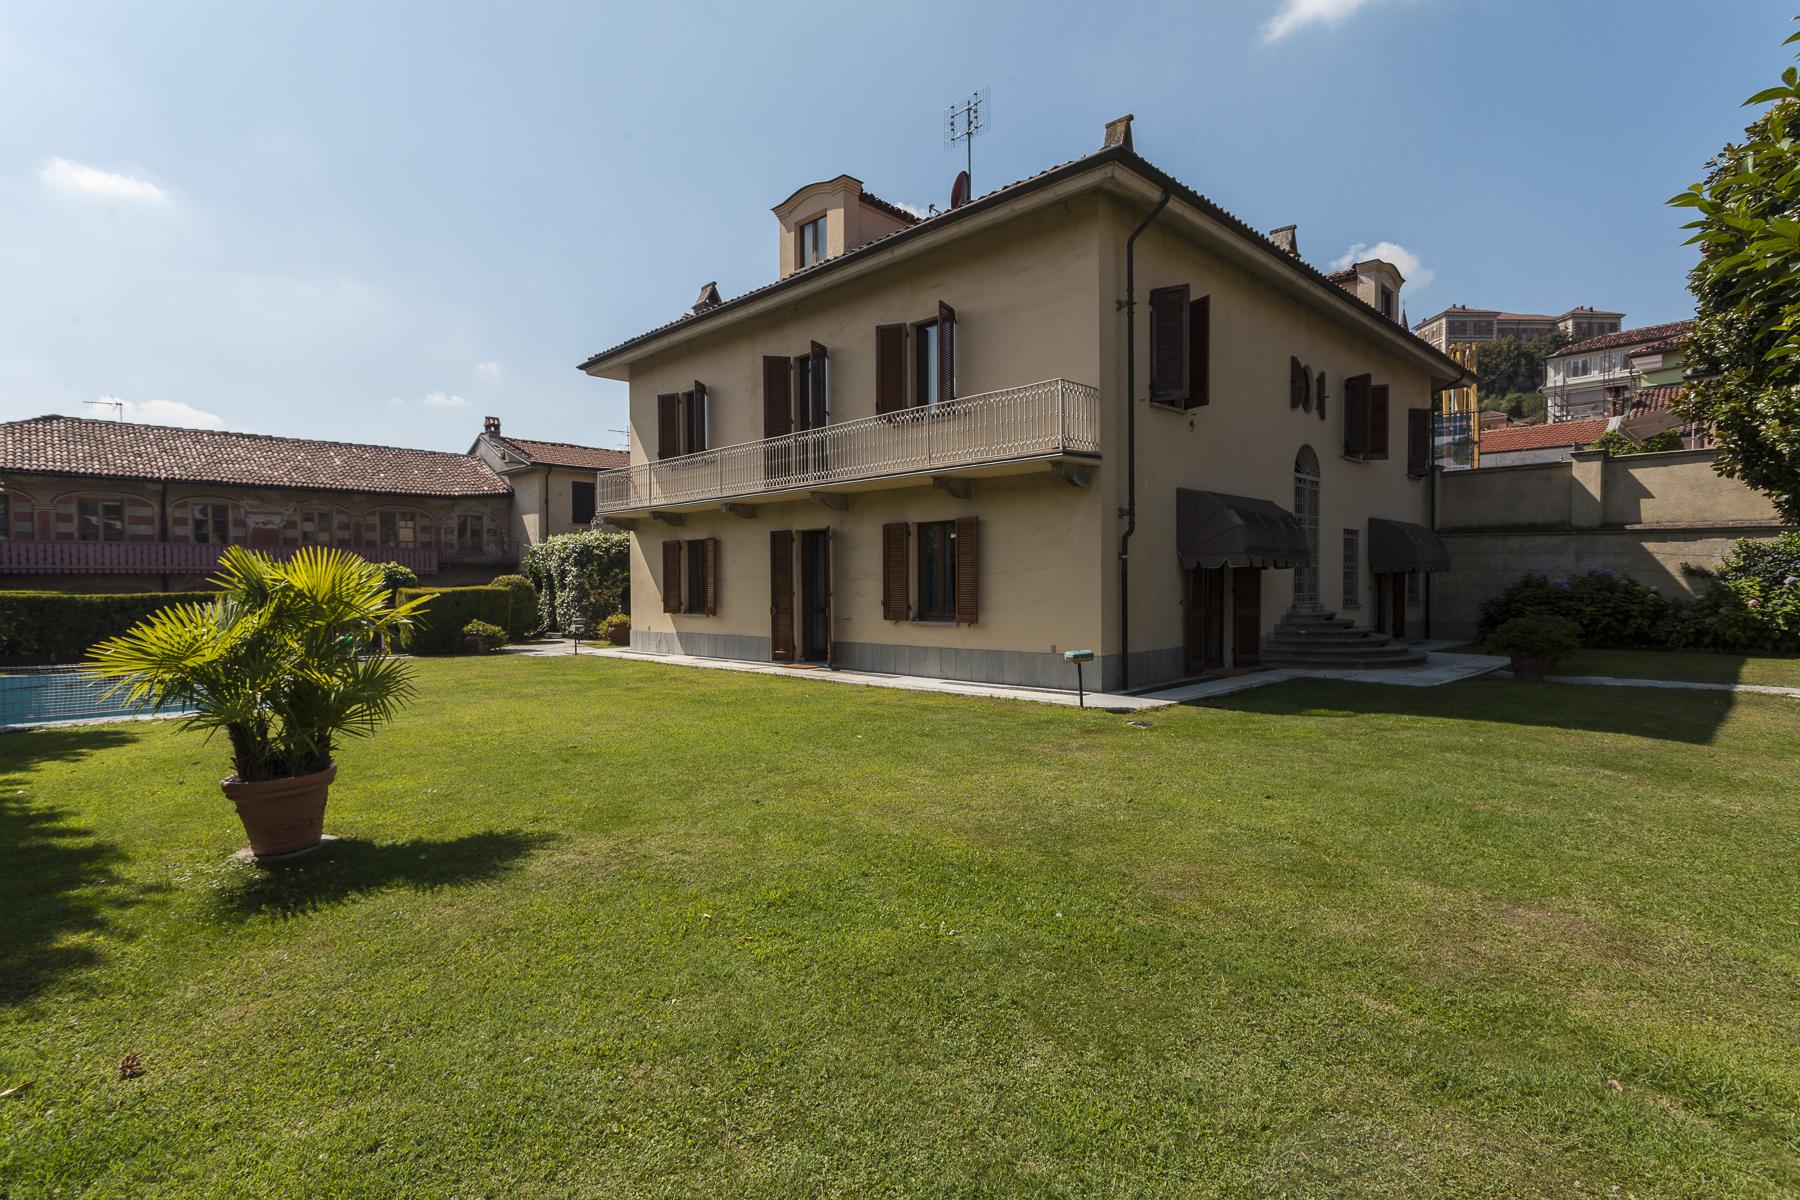 Villa in Vendita a Rivoli via ospedale